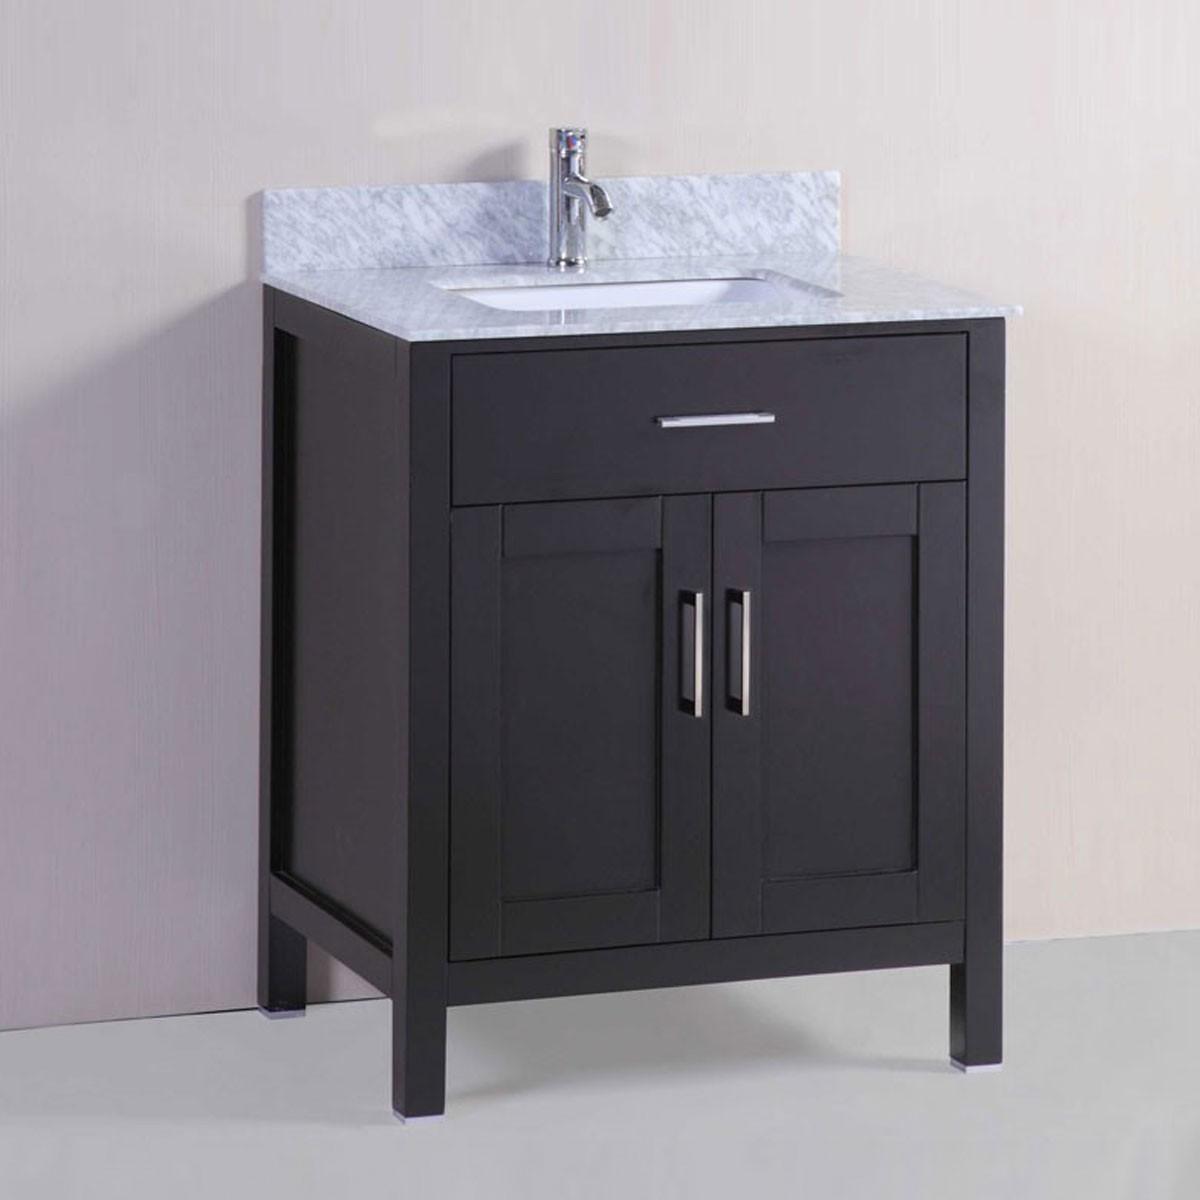 30 In. Freestanding Bathroom Vanity (DK-T9150-30E-V)